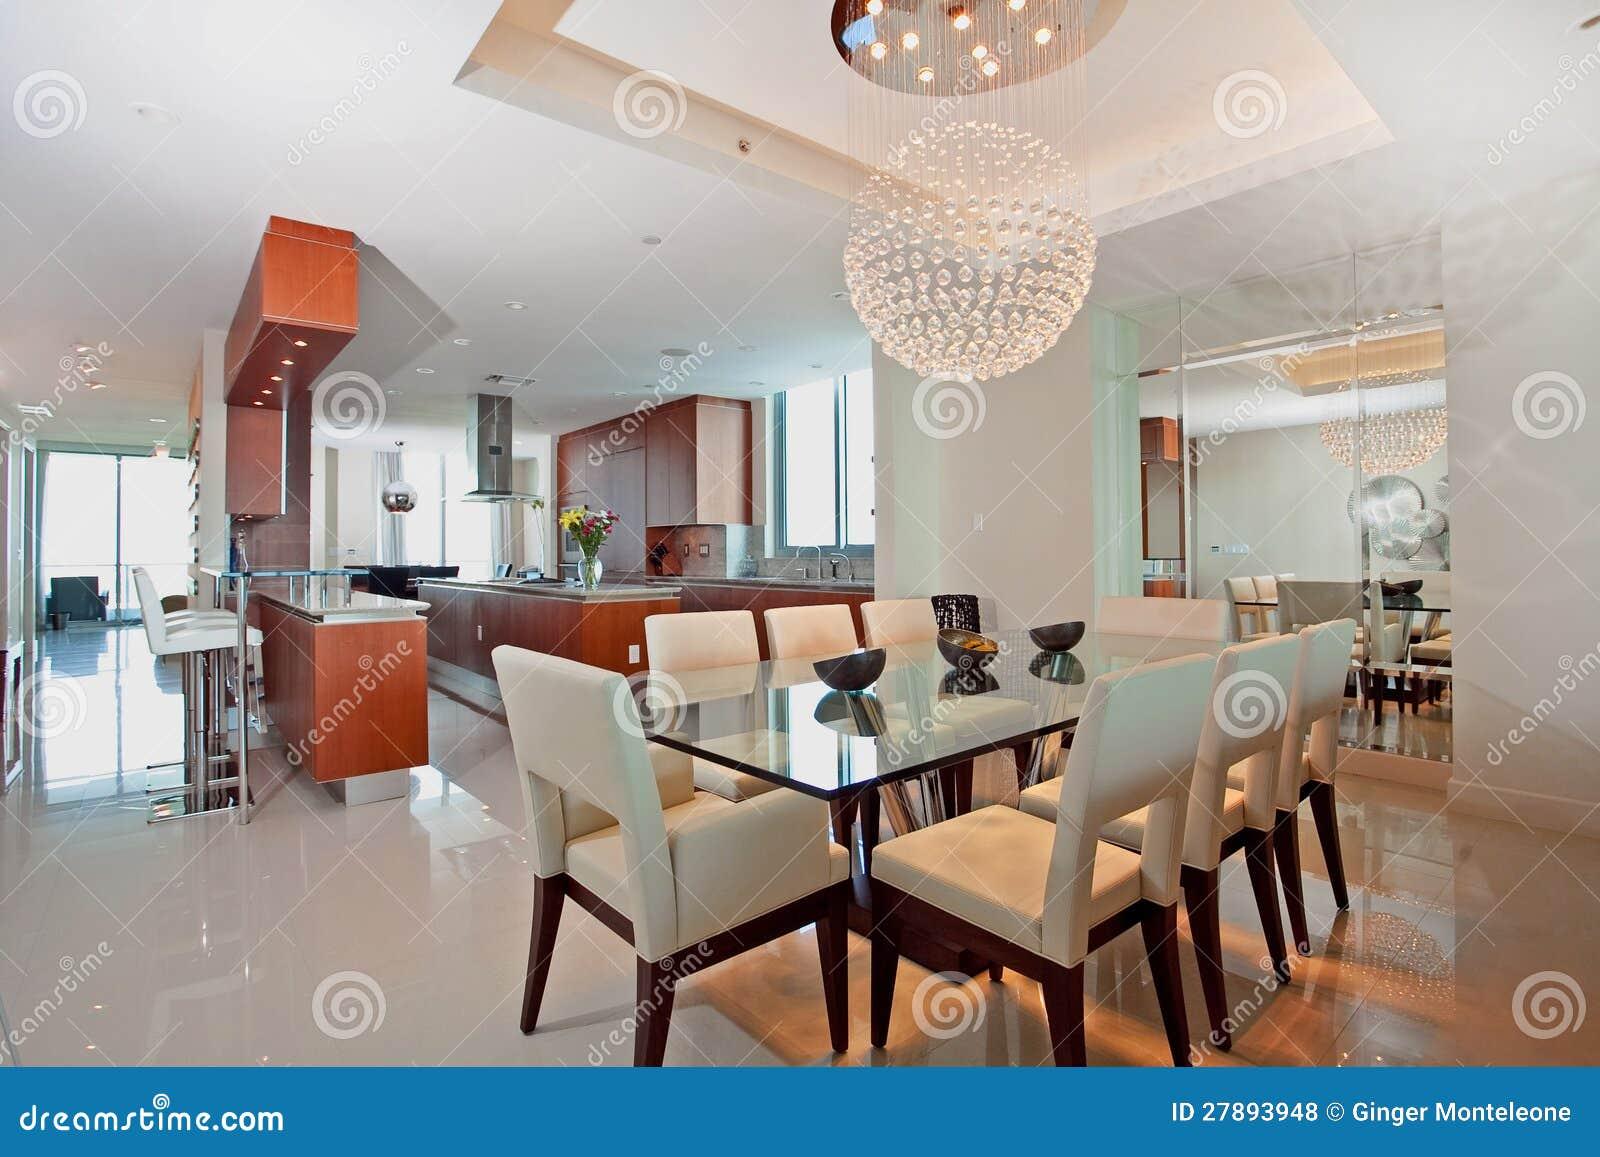 Cuisine ouverte moderne et salle à manger photos libres de droits ...